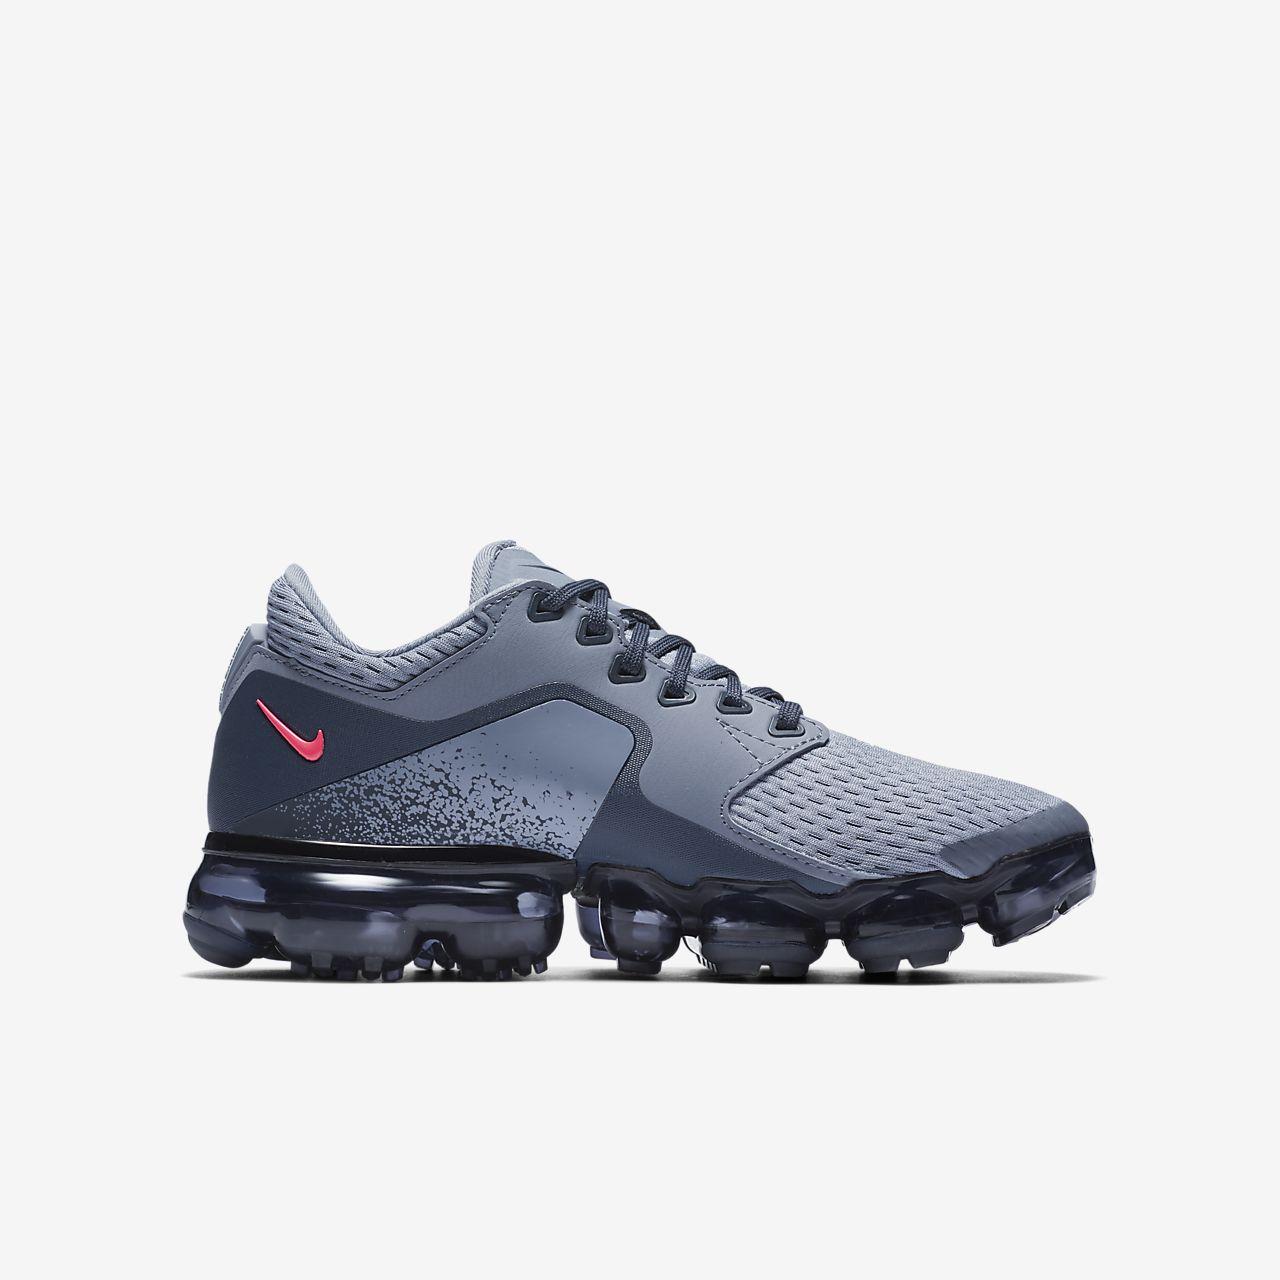 Chaussures Nike Air Vapormax argentées garçon U0m7x